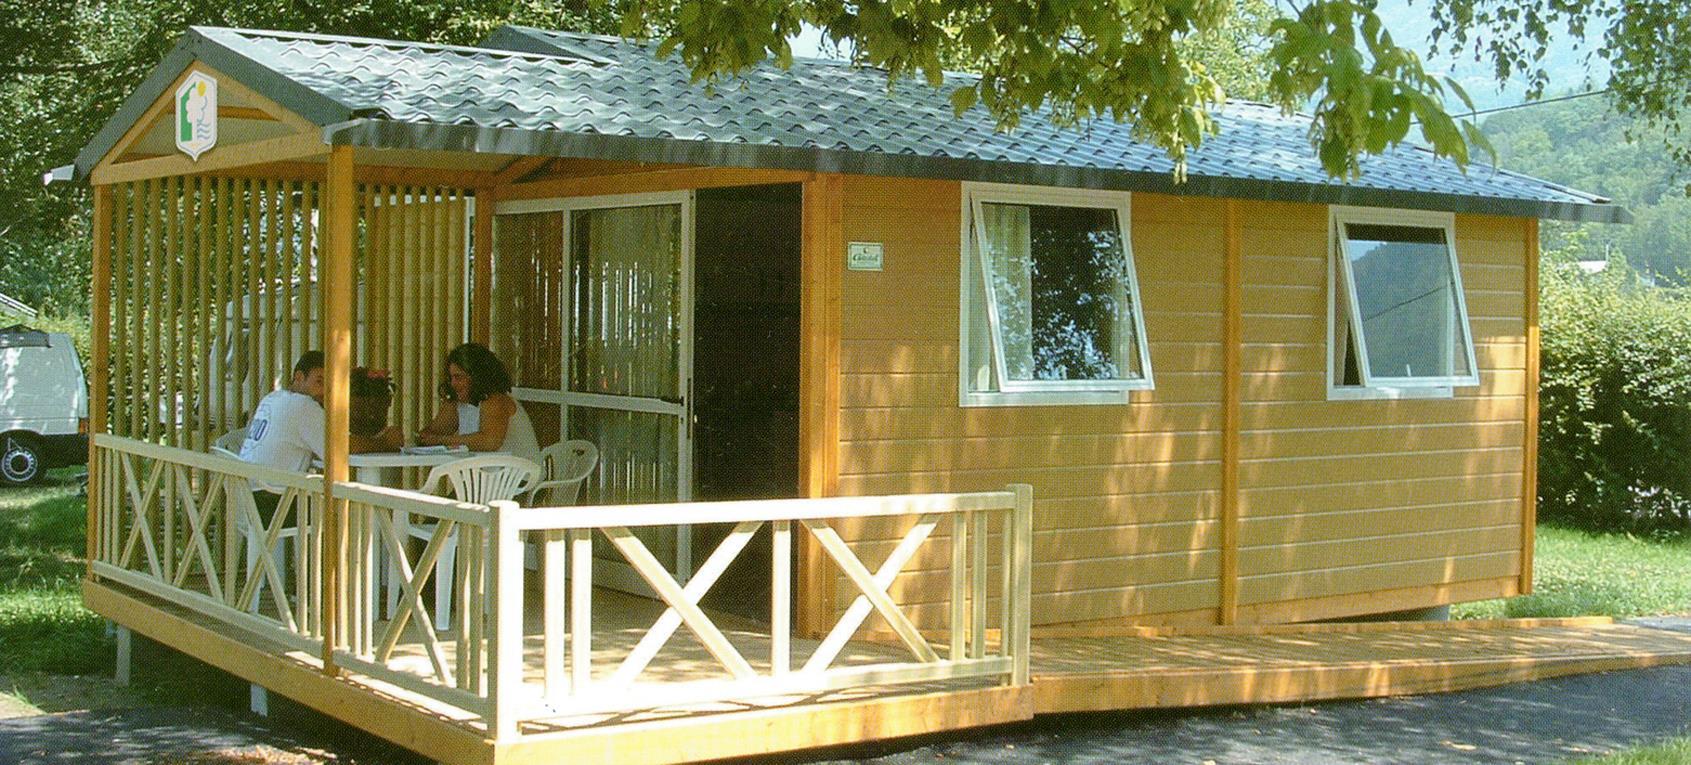 Location - Chalet Access Pmr - Camping Les Bonnets